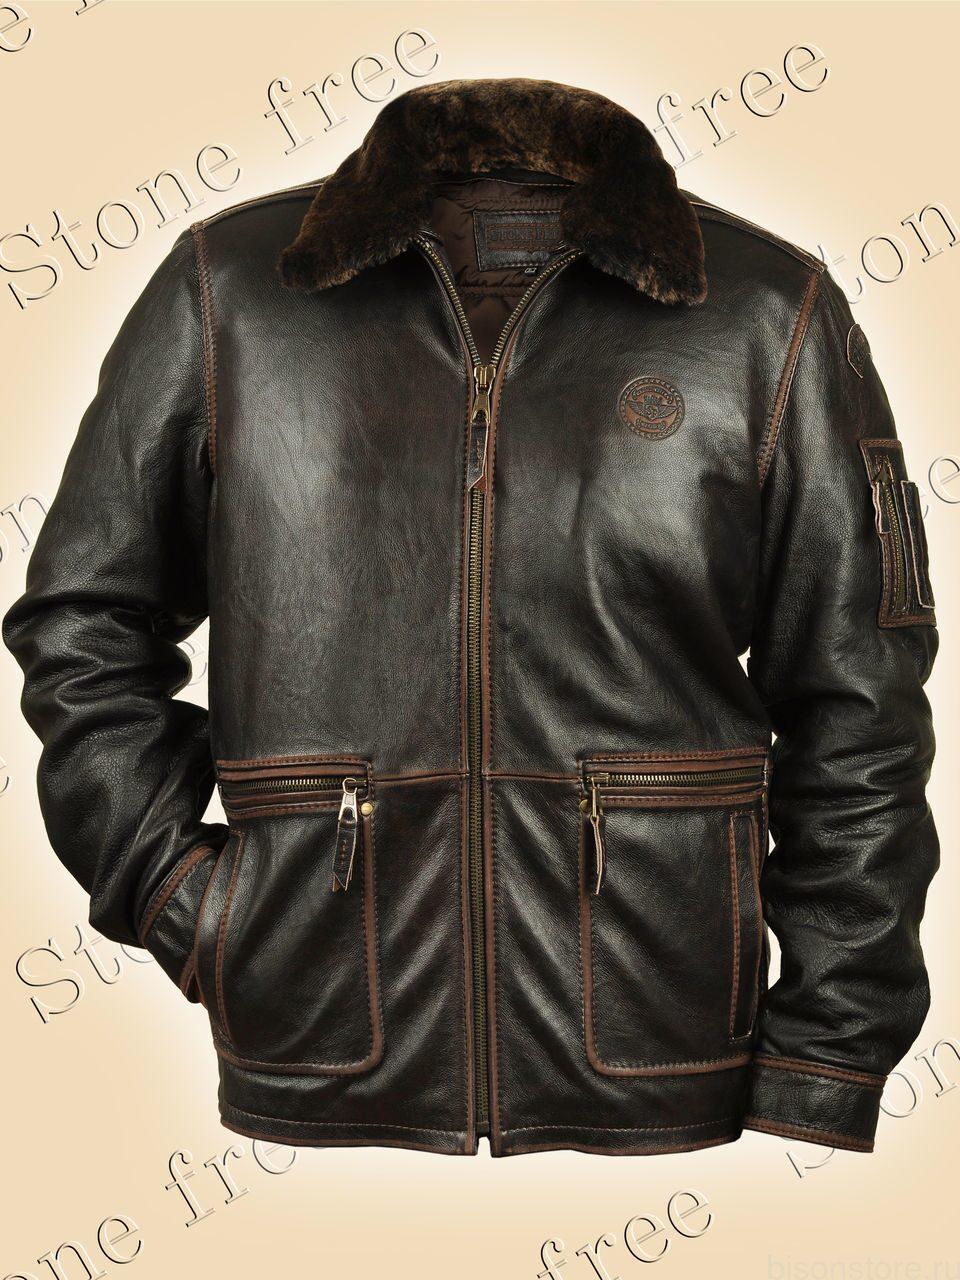 43a48e1c0c612 Зимняя кожаная куртка Patrol мужская из буйвола